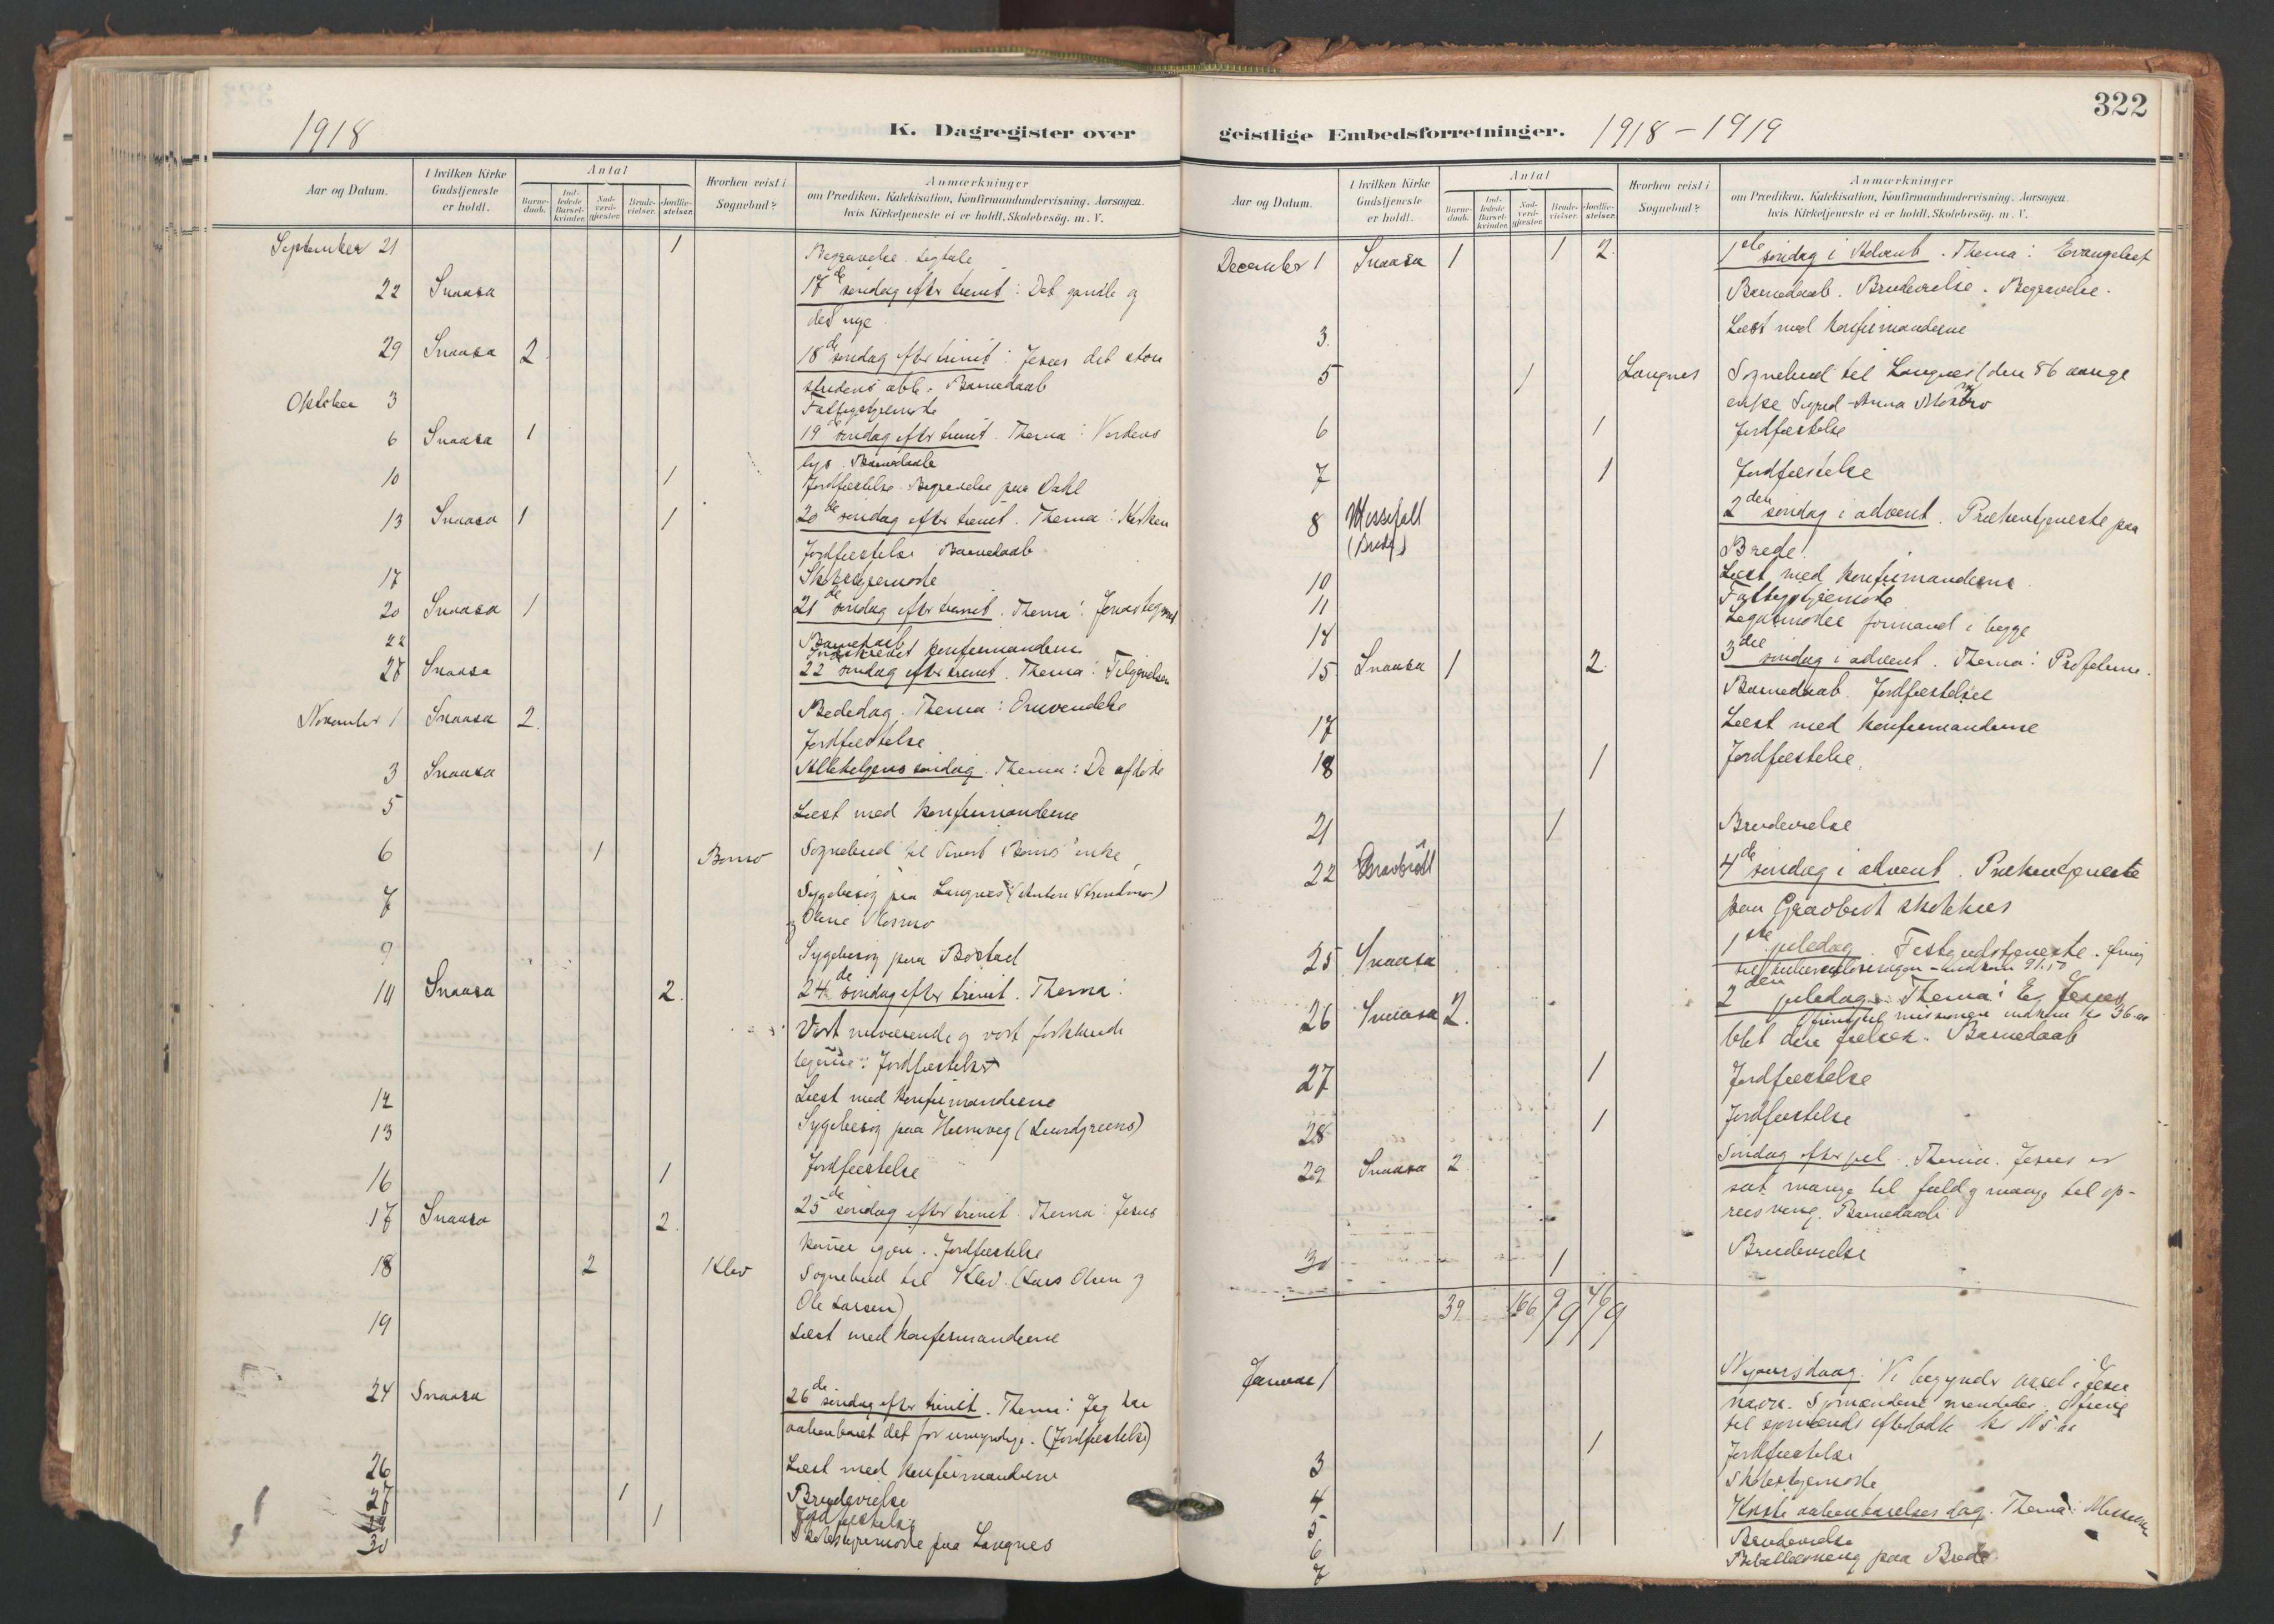 SAT, Ministerialprotokoller, klokkerbøker og fødselsregistre - Nord-Trøndelag, 749/L0477: Ministerialbok nr. 749A11, 1902-1927, s. 322